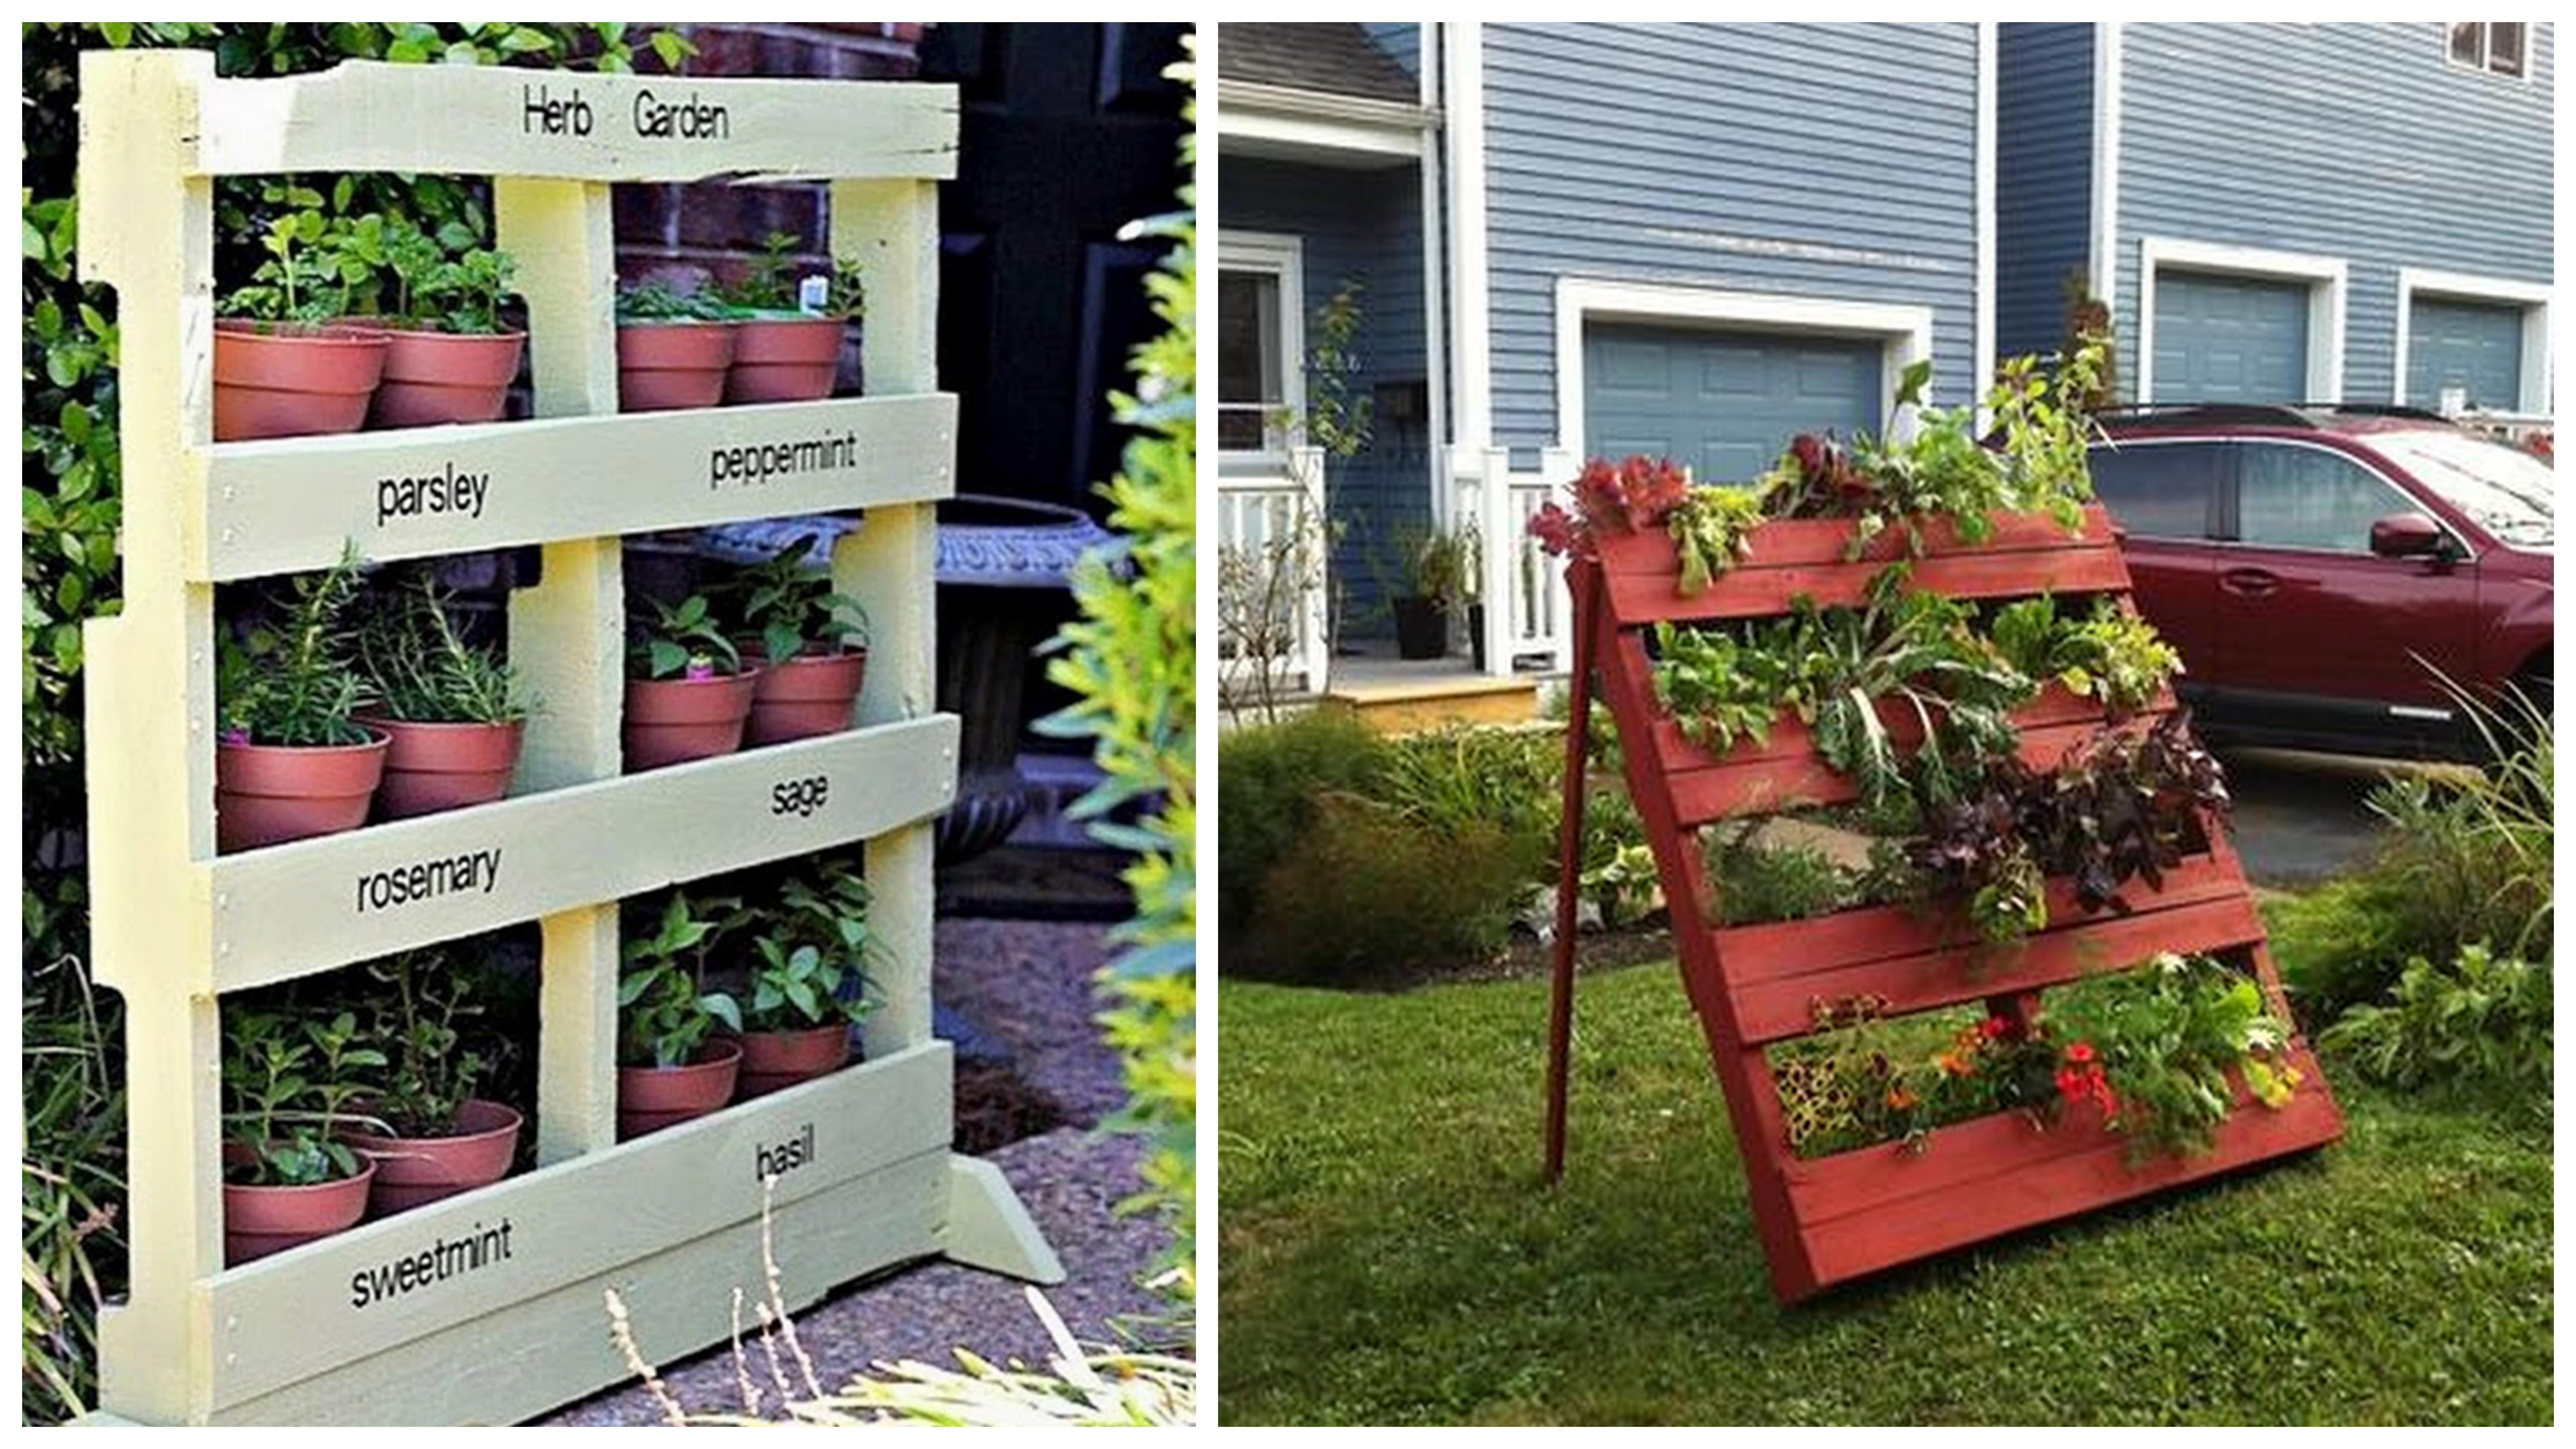 Construyendo el palet de hierbas arom ticas in mensa - Que hacer con un palet ...